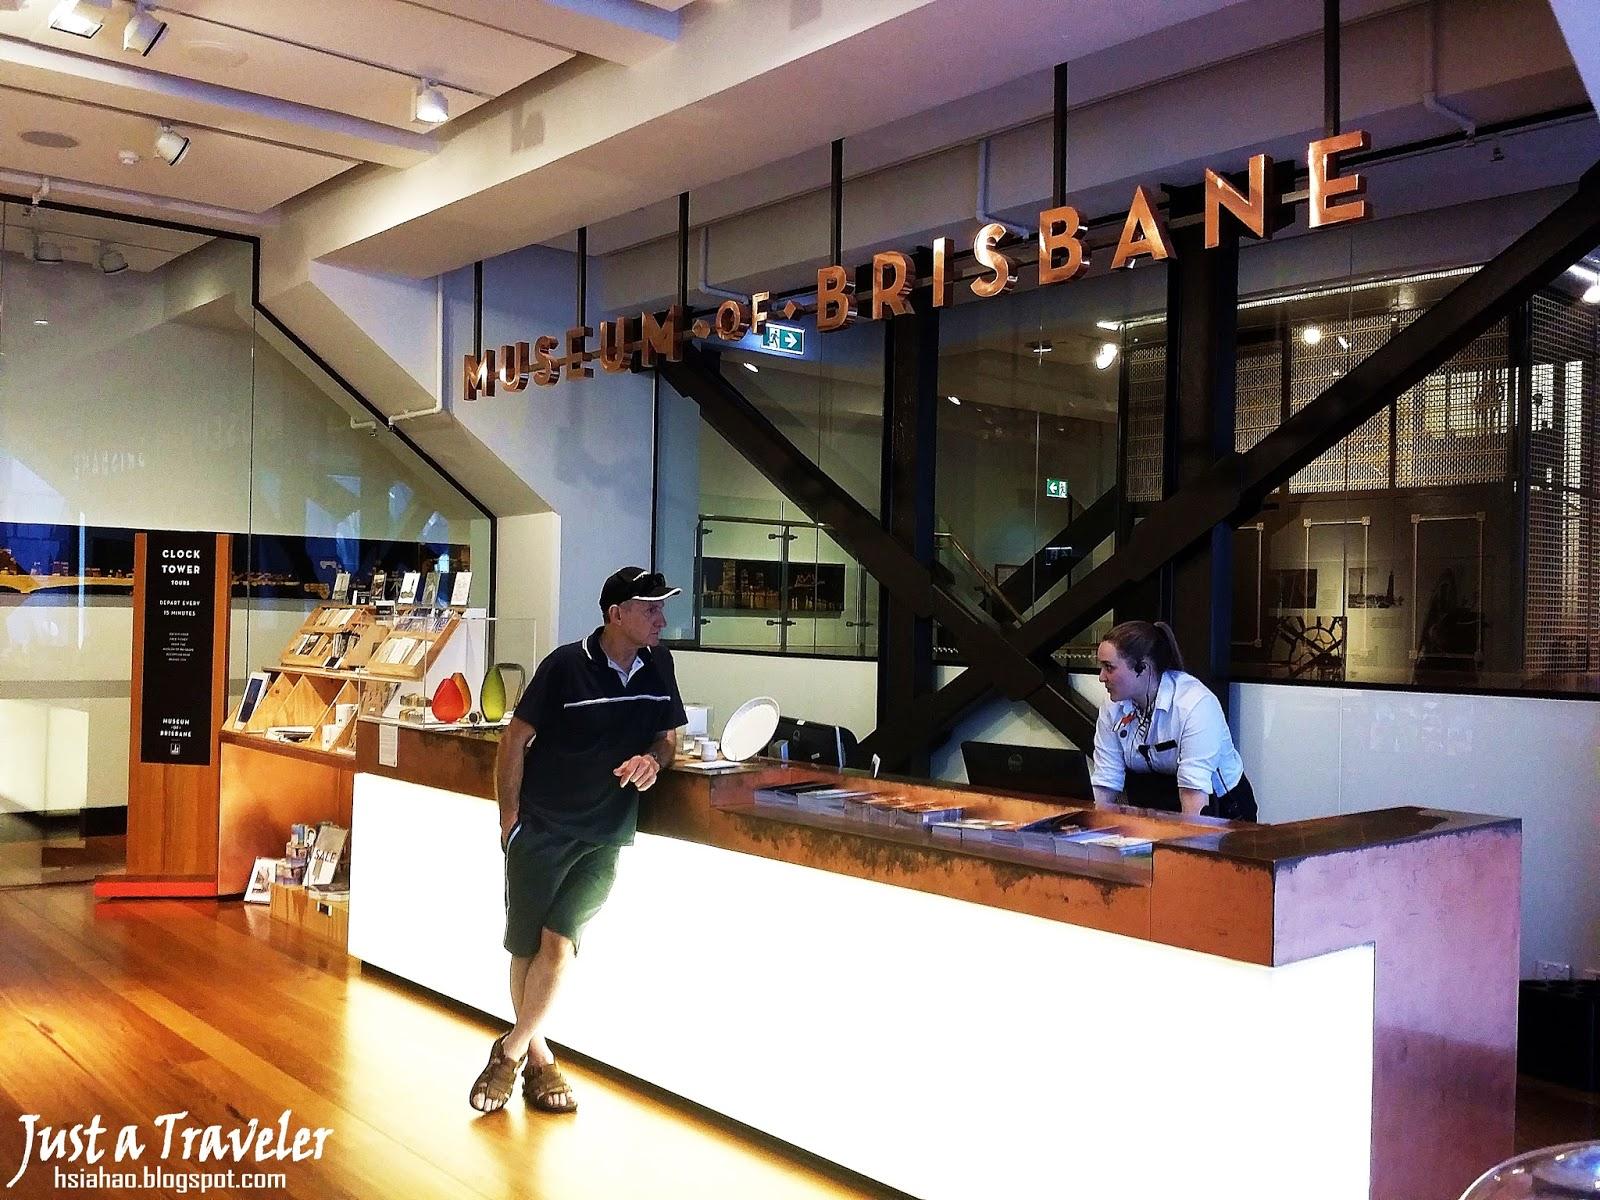 布里斯本-市區-景點-布里斯本市政廳-布里斯本博物館-遊記-行程-介紹-Brisbane City Hall-Museum-布里斯班